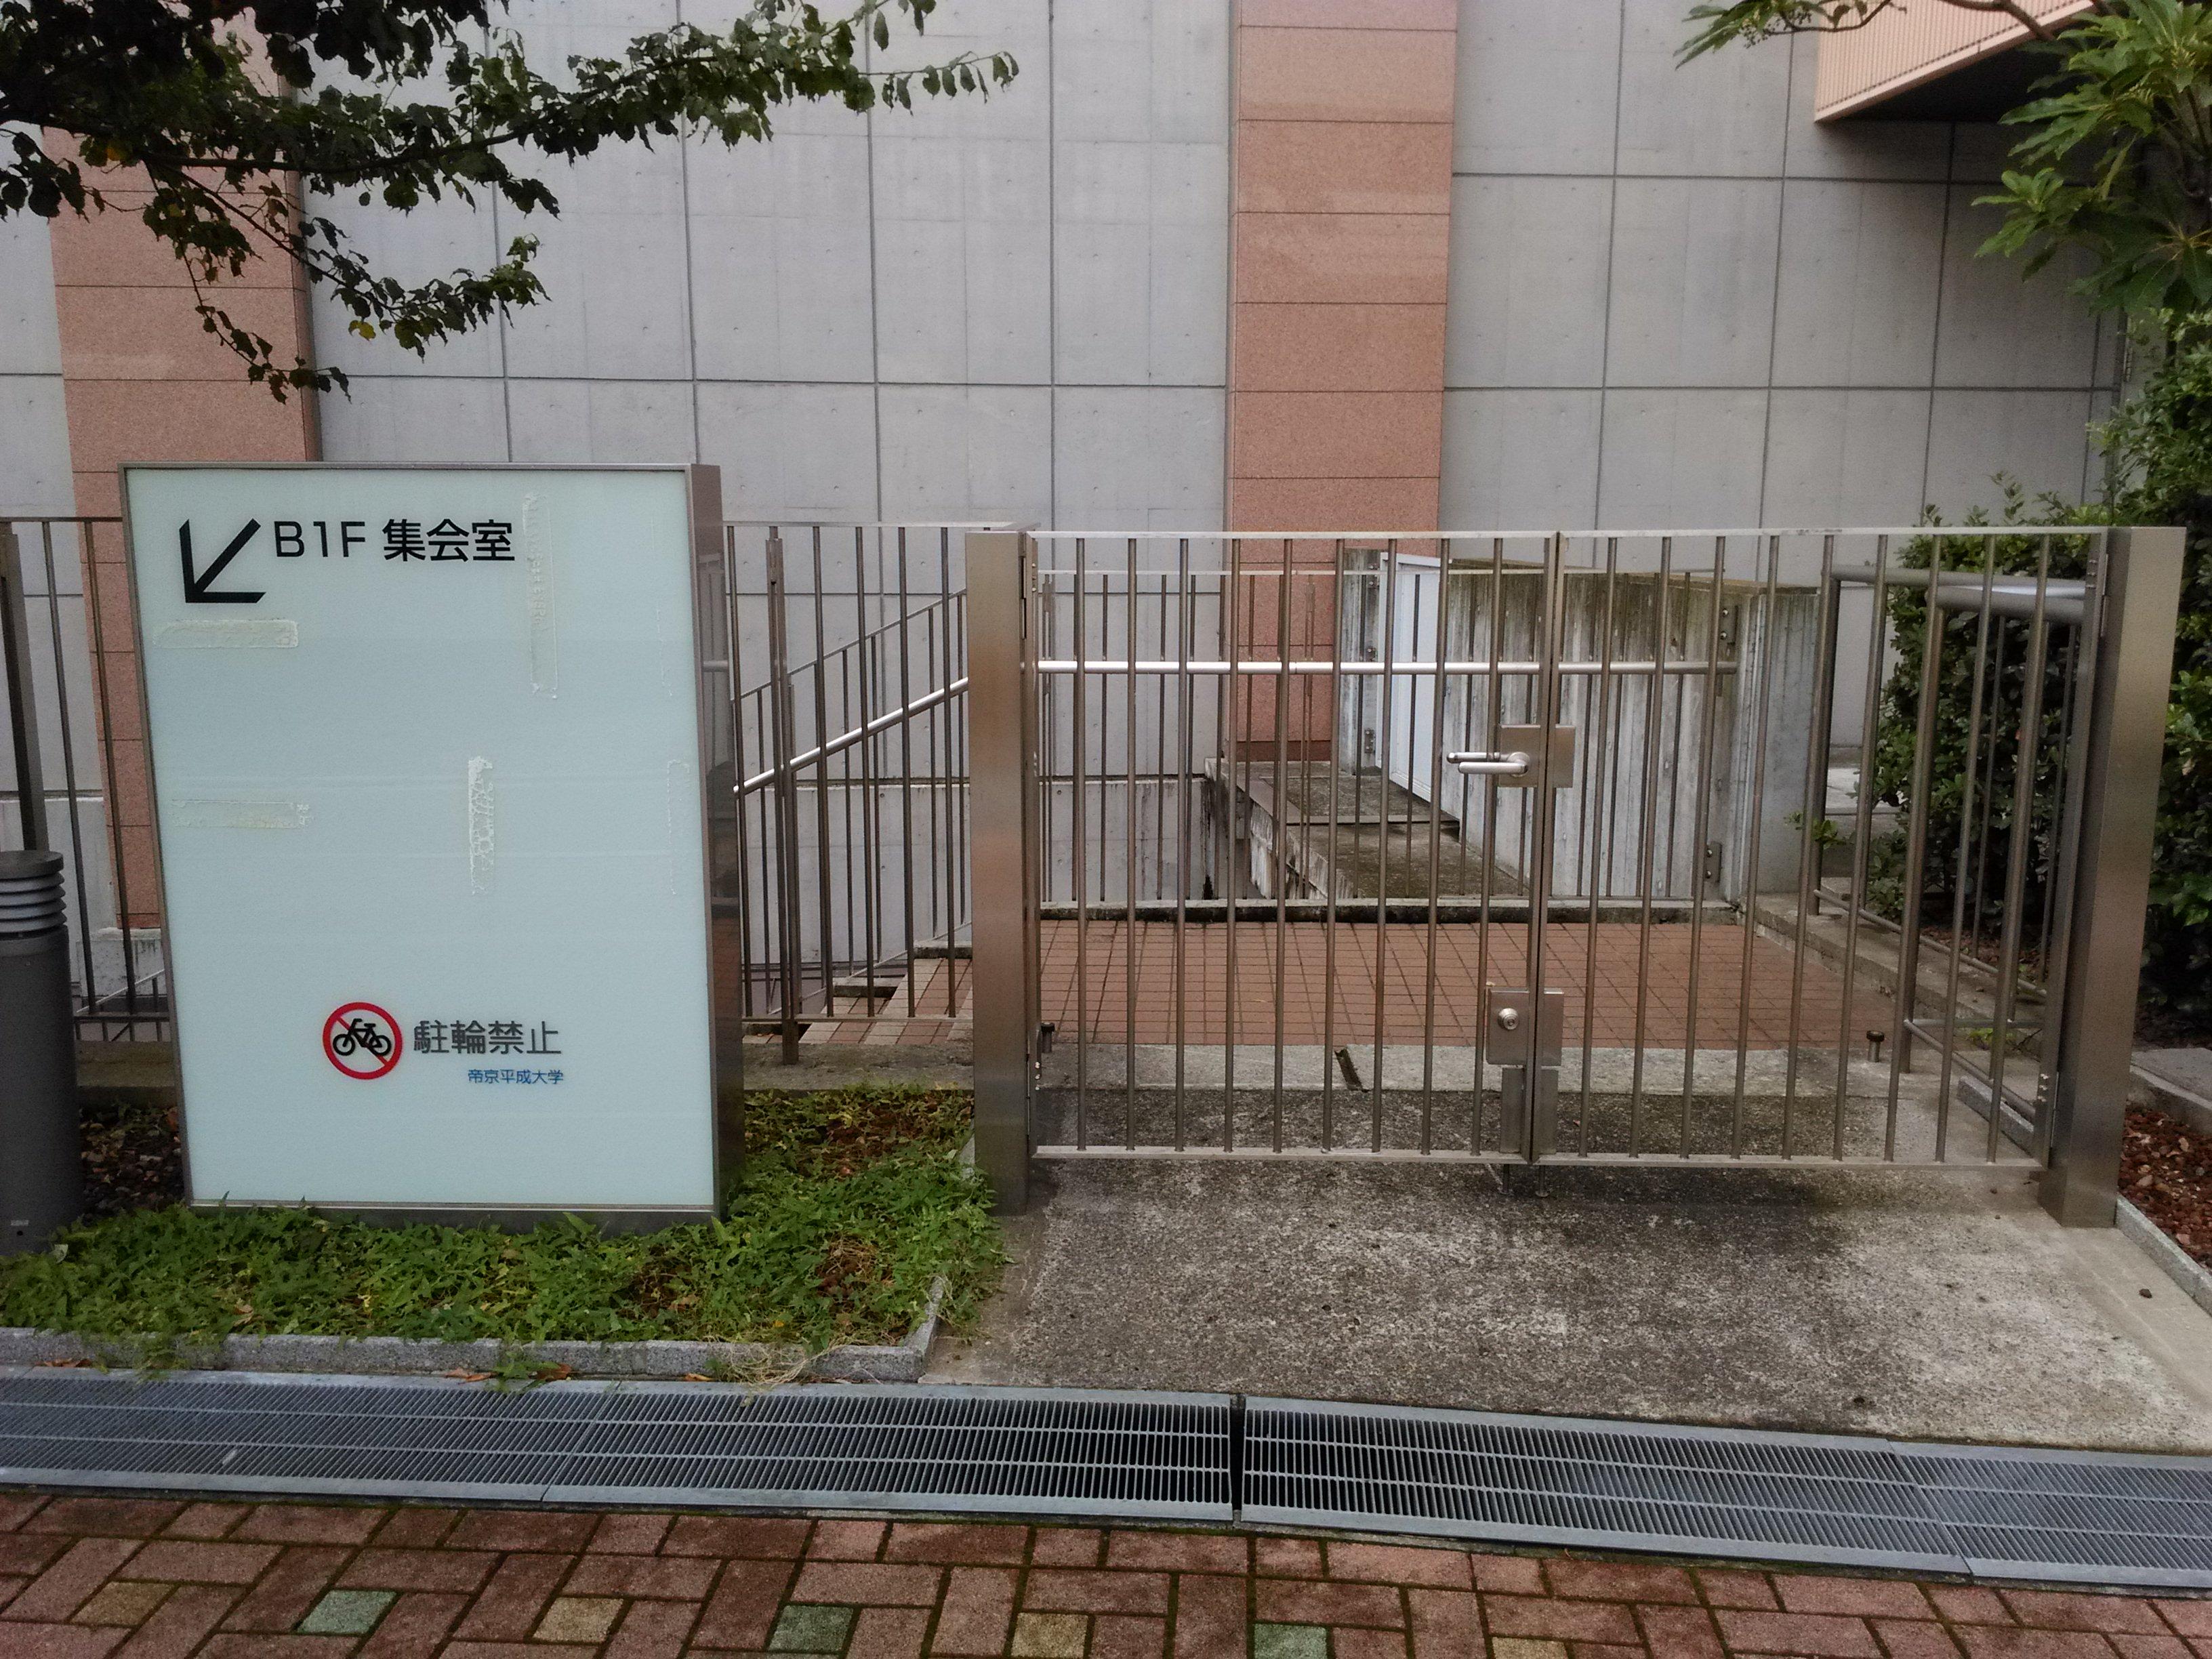 帝京平成大学B1Fの入口